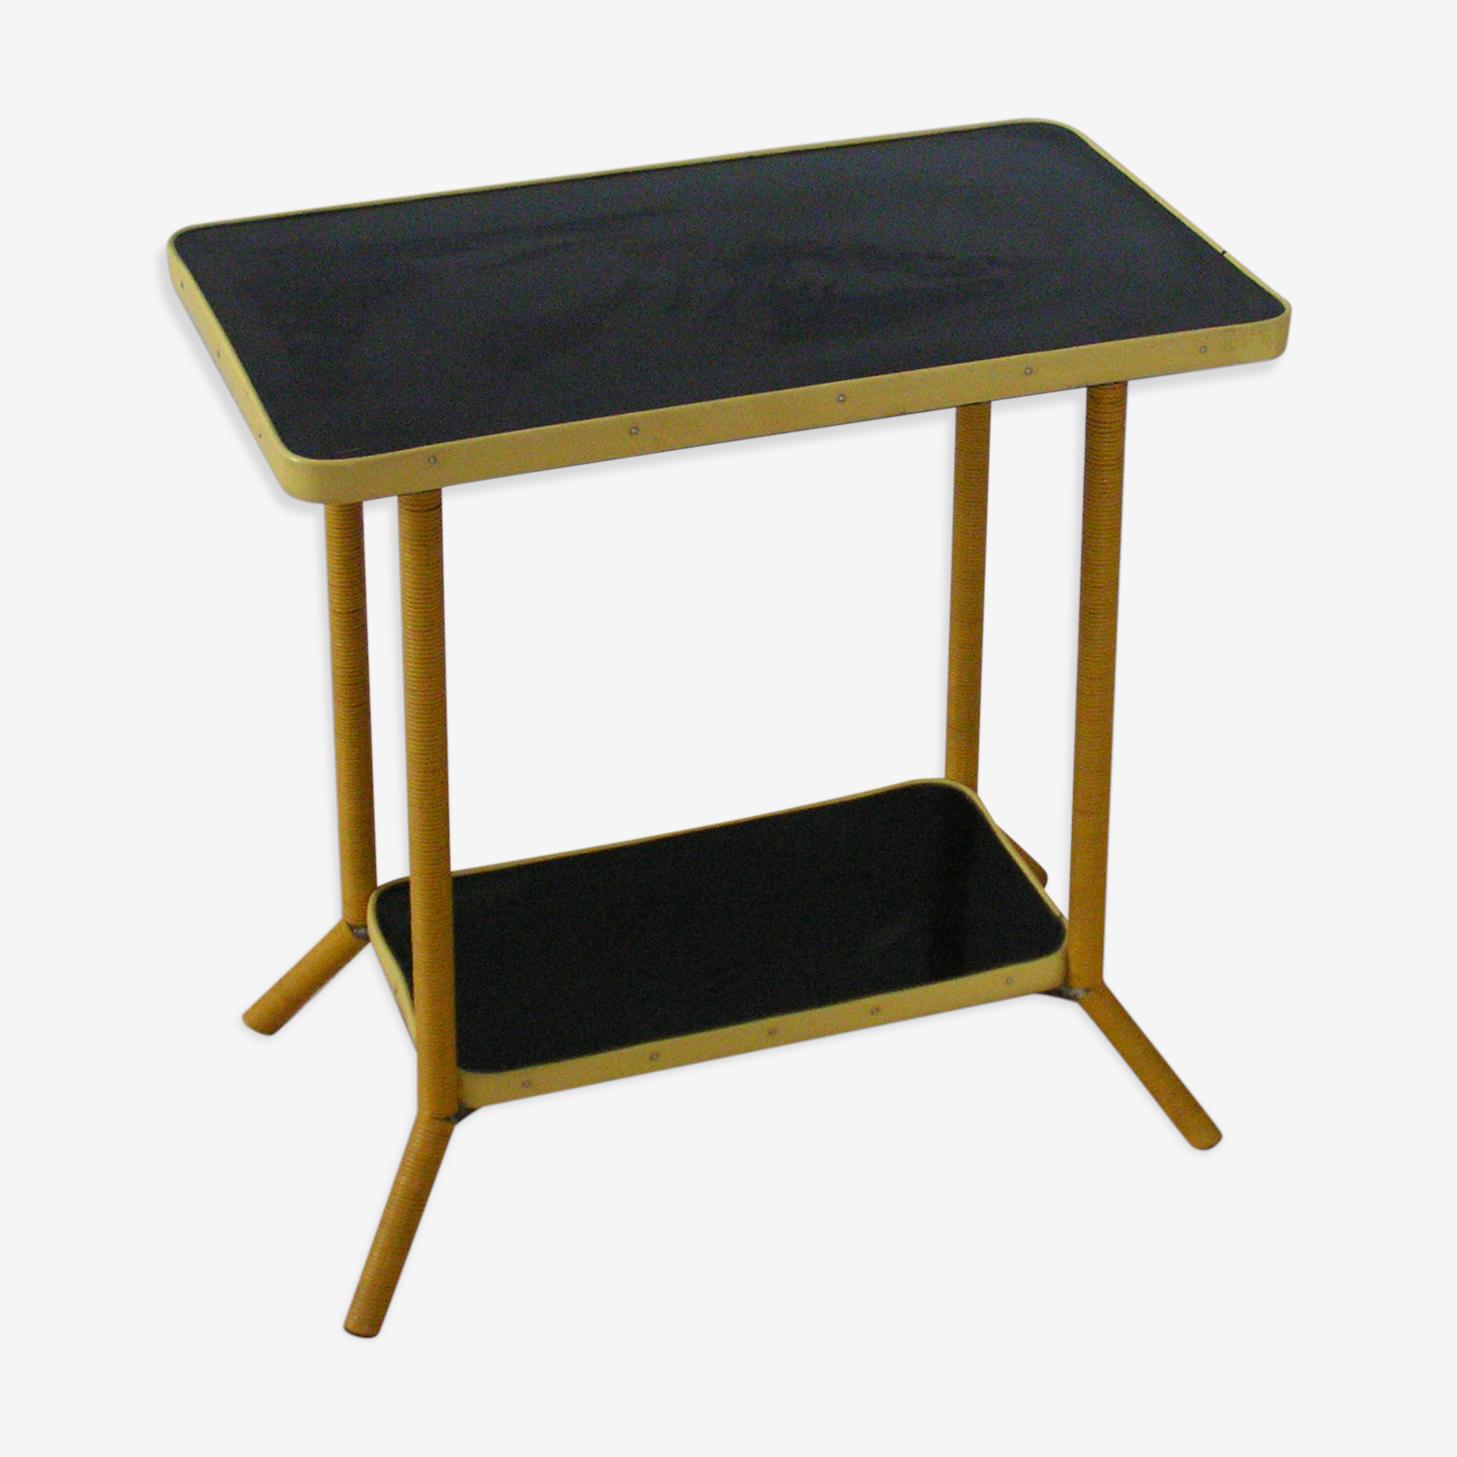 Table d'appoint en scoubidou et formica années 60